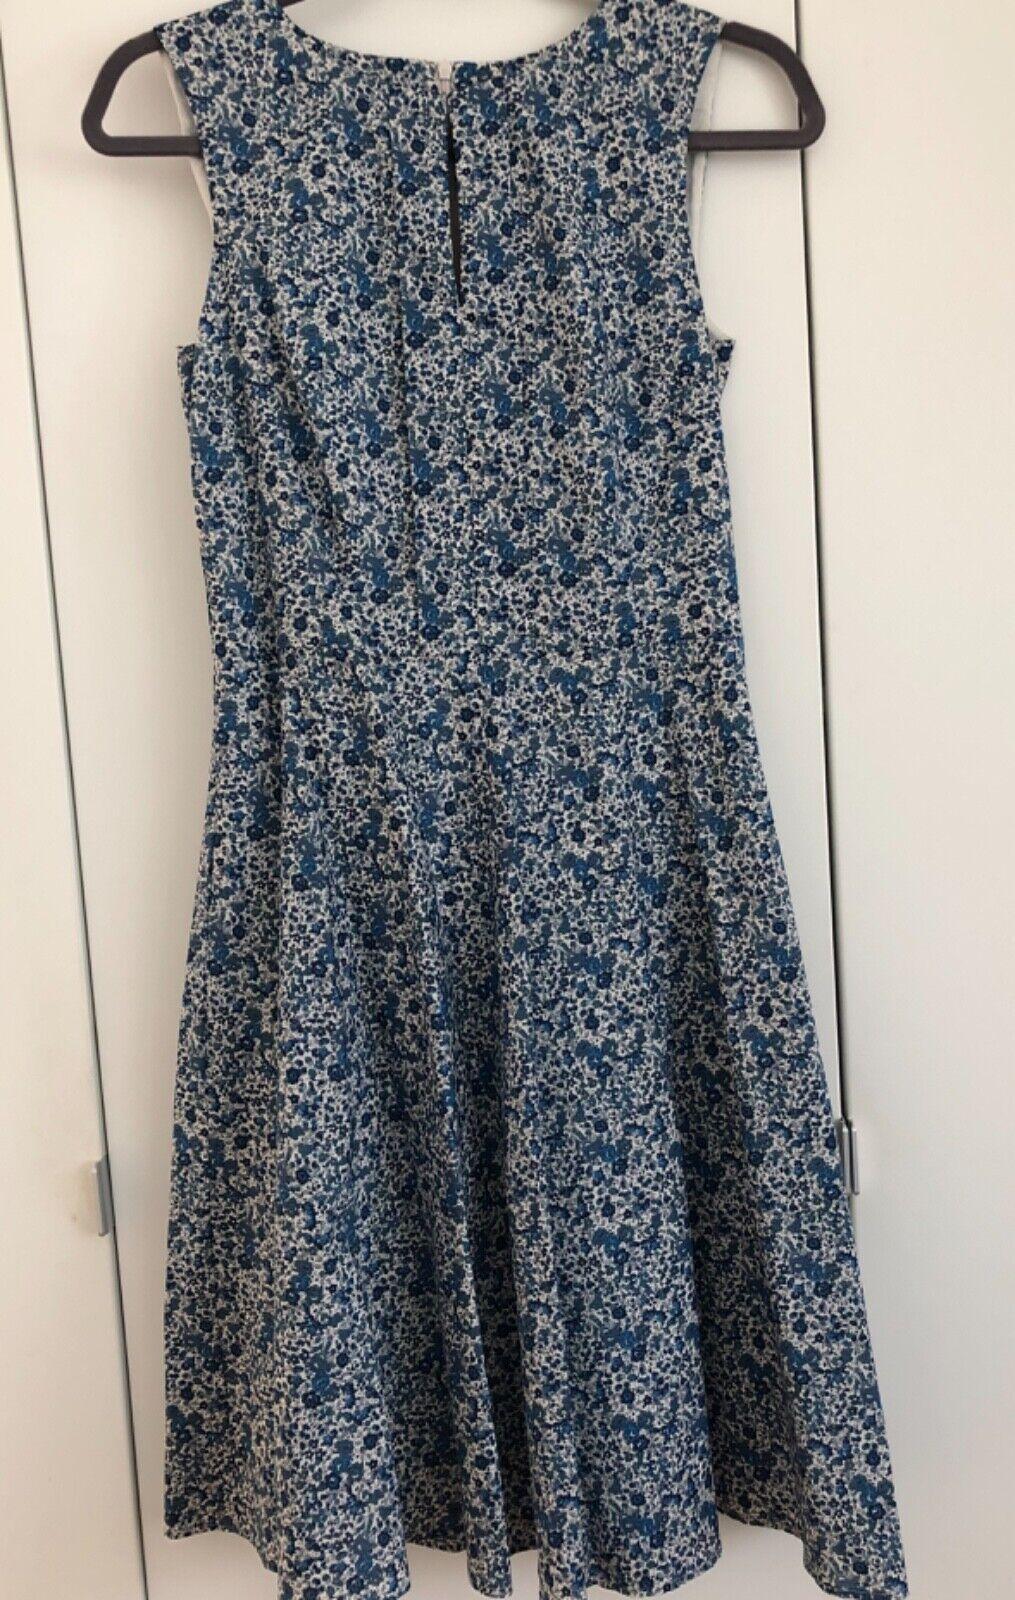 f1640bbe193a58 JOOP Derry Kleid Sommerkleid Blümchen Impression Blau-Weiß-Beige Gr.34 wie  neu